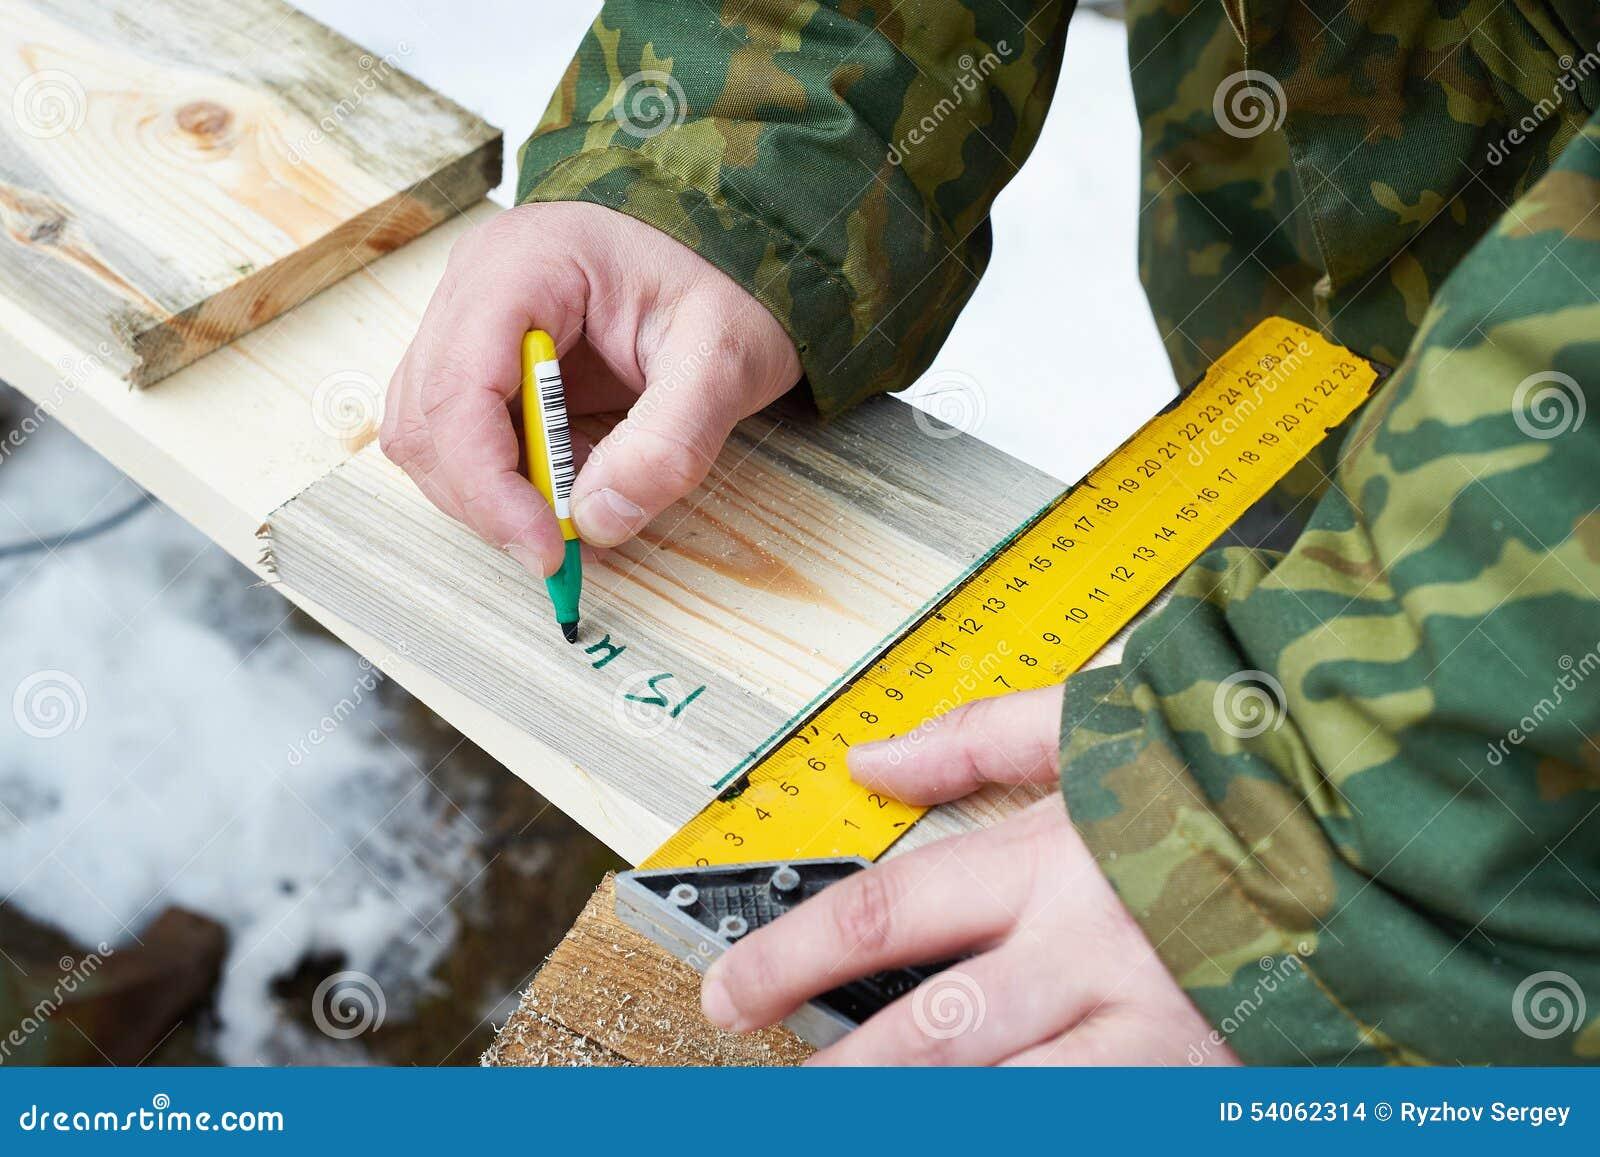 Carpentry Dividindo placas